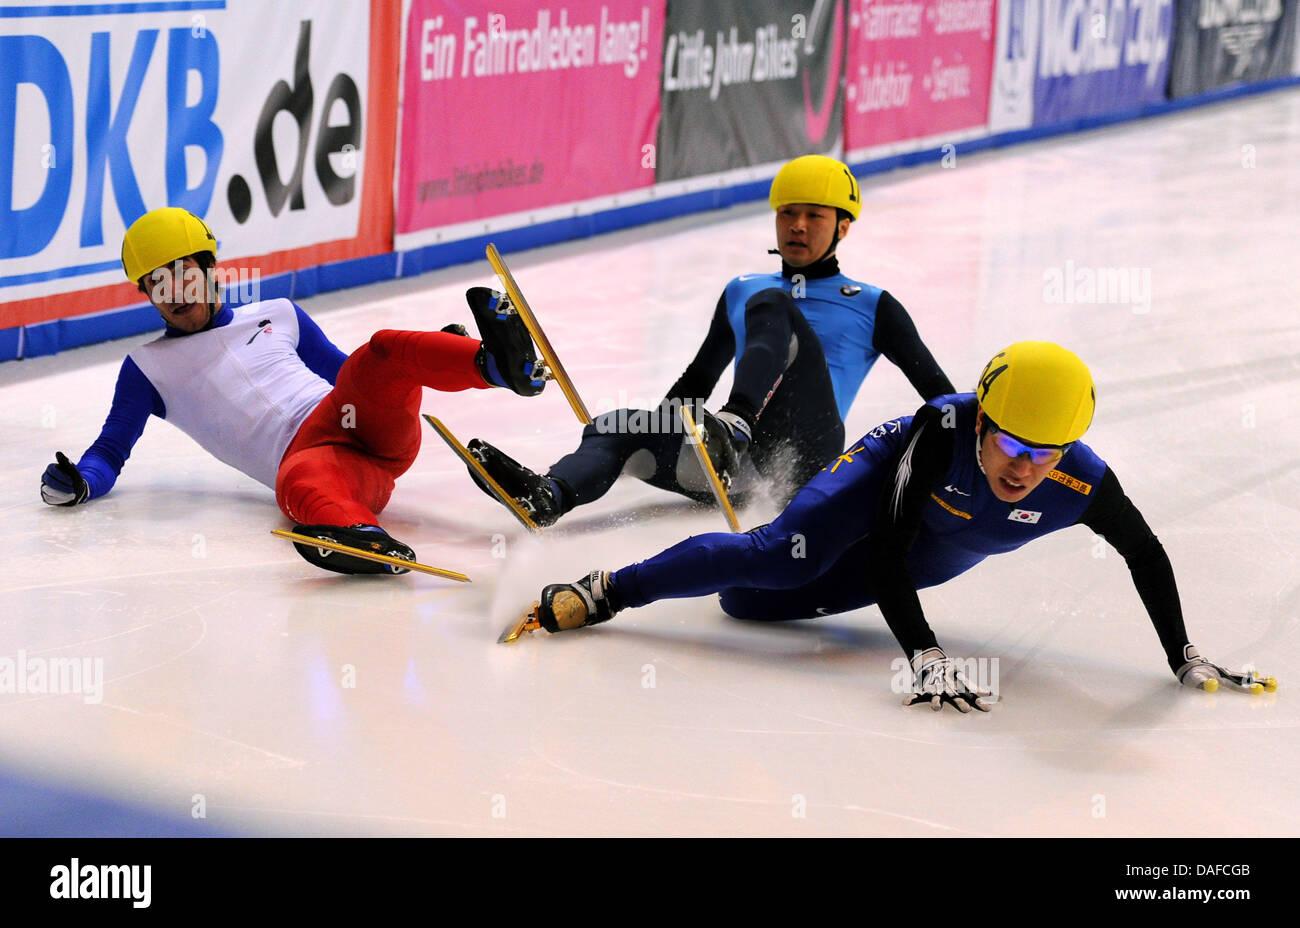 Im Herren-Finale über die 500 metros stürzen am Samstag (19.02.2011) en der Eishalle en Dresden im Rahmen des Weltcup-Finales im Shorttrack Frankreichs Teobaldo Fauconnet (l), der US-Amerikaner Simon Cho (M) sowie der Südkoreaner Byeong-Jun Kim auf der Ziellinie, Fauconnet wurde später als Sieger vor Cho gewertet, Kim wurde disqualifiziert. Un diesem Wochenende trifft sich die Weltel Foto de stock